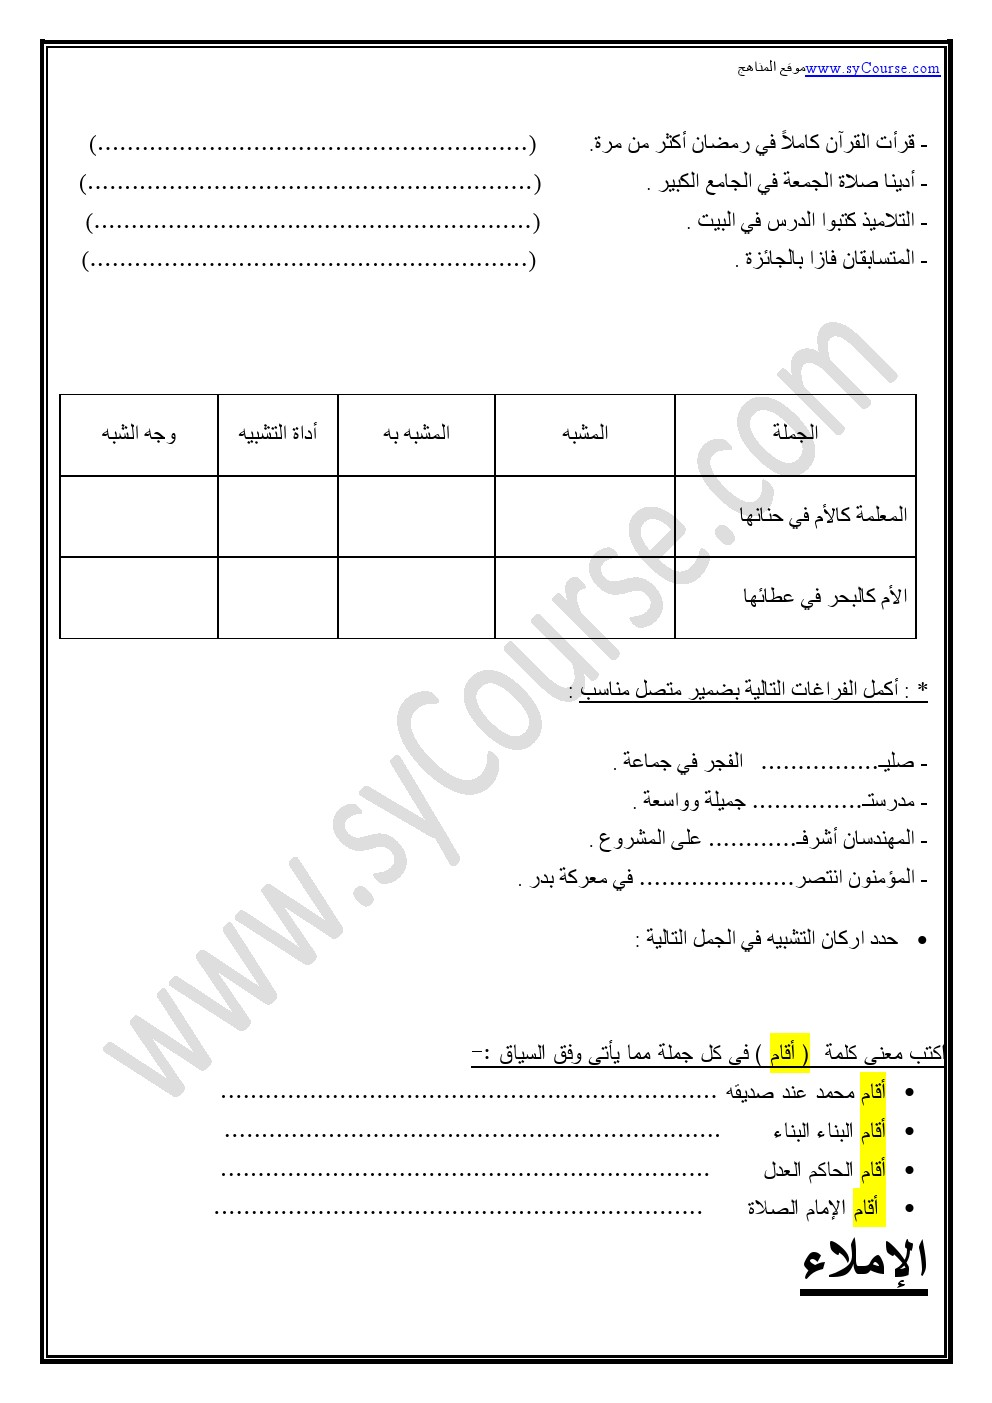 حل كتاب اللغة العربية المستوى الرابع كتاب التطبيقات